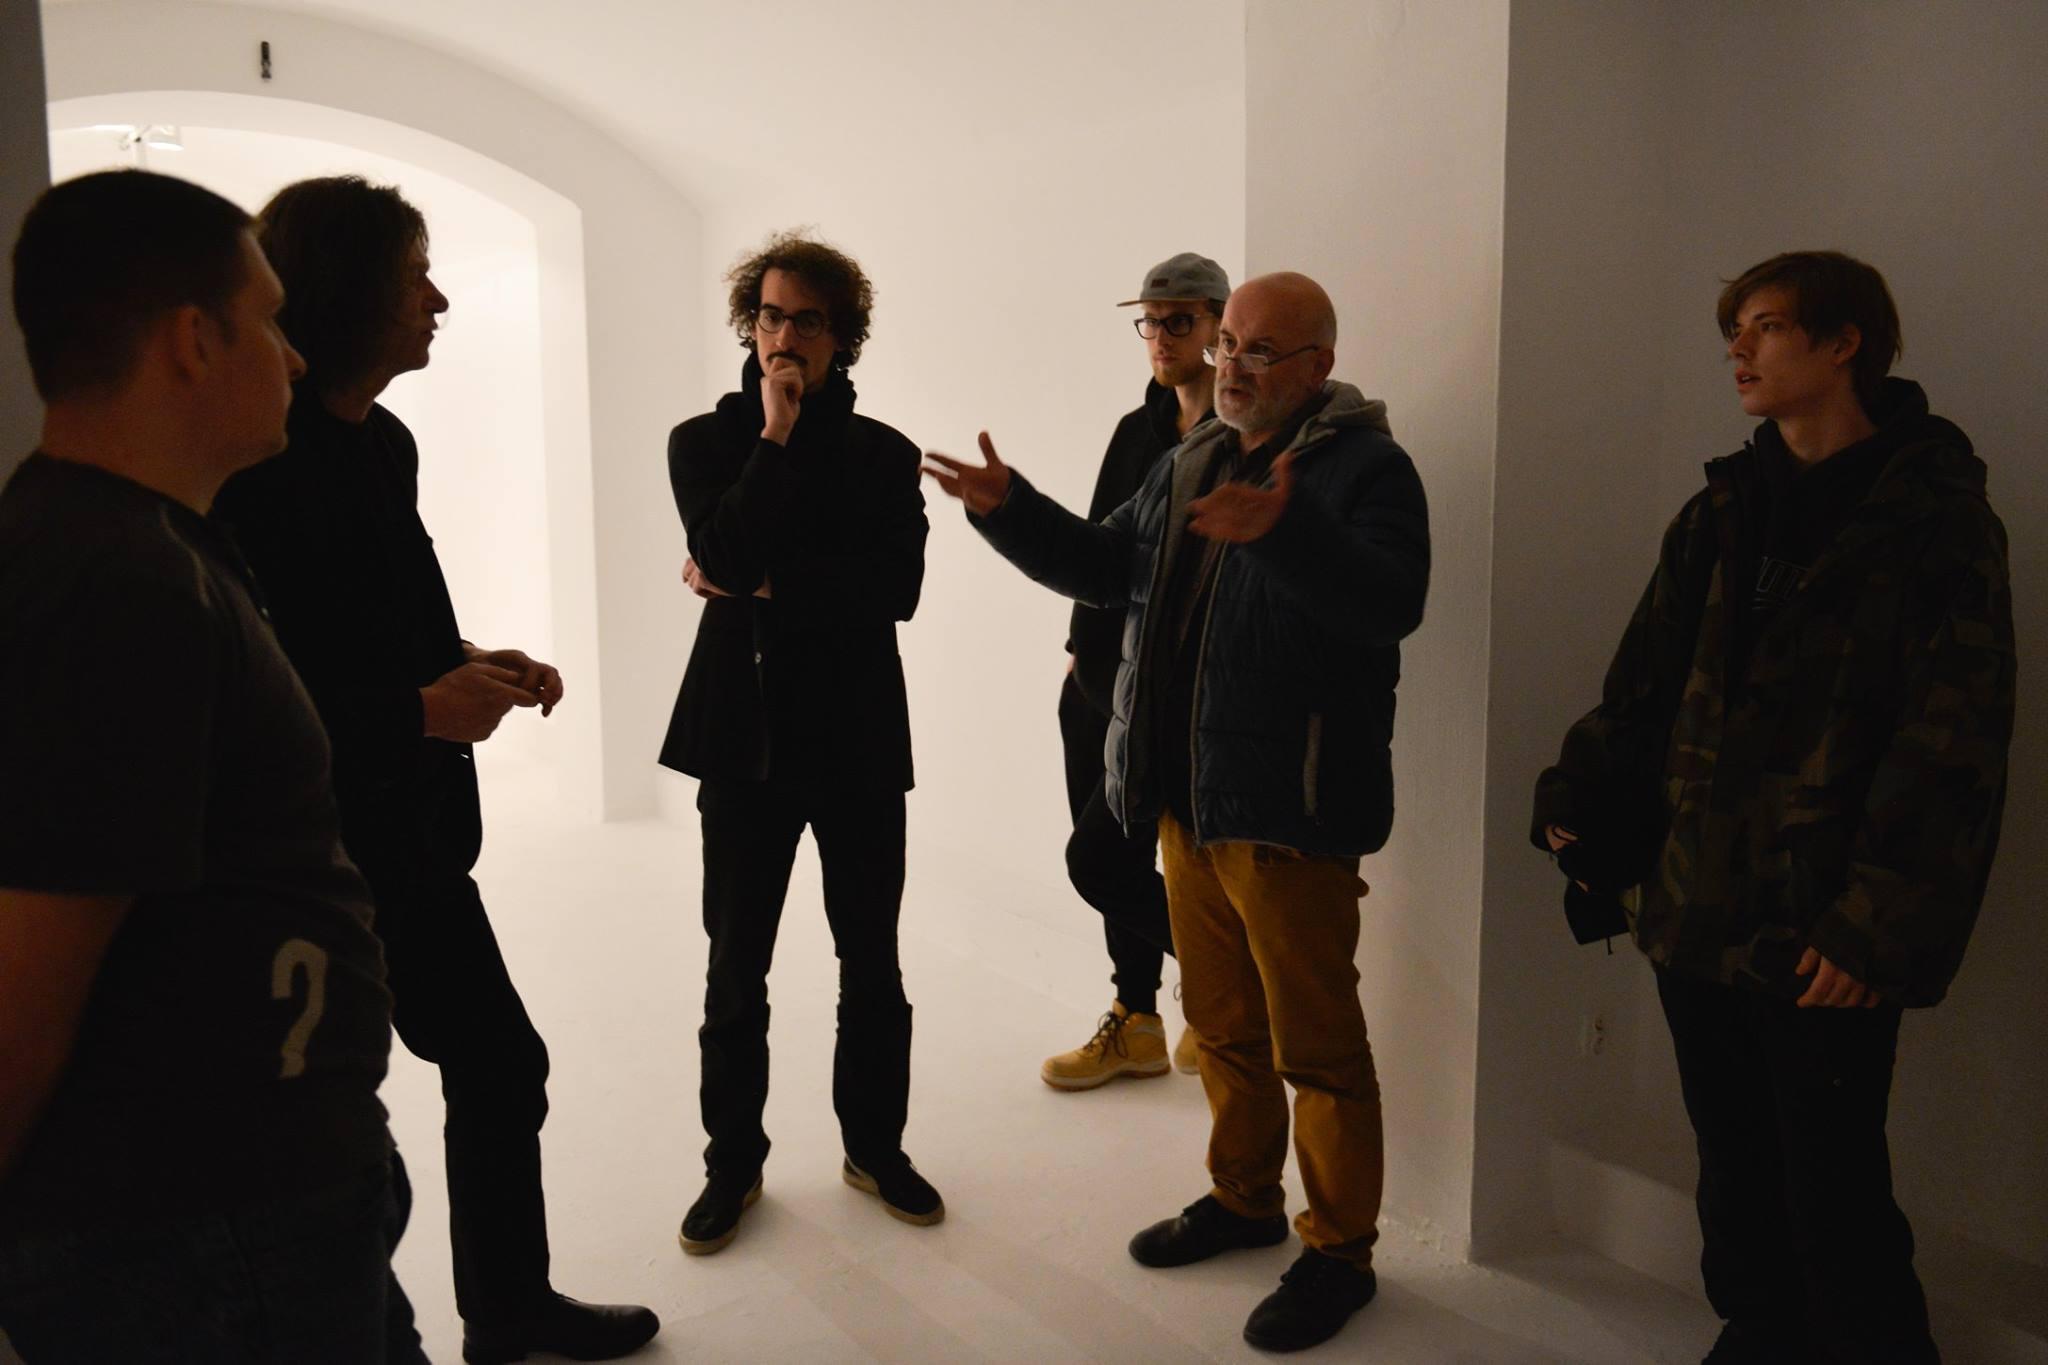 Spotkanie uczestników wystawy w galerii Bunkier Sztuki w Krakowie.